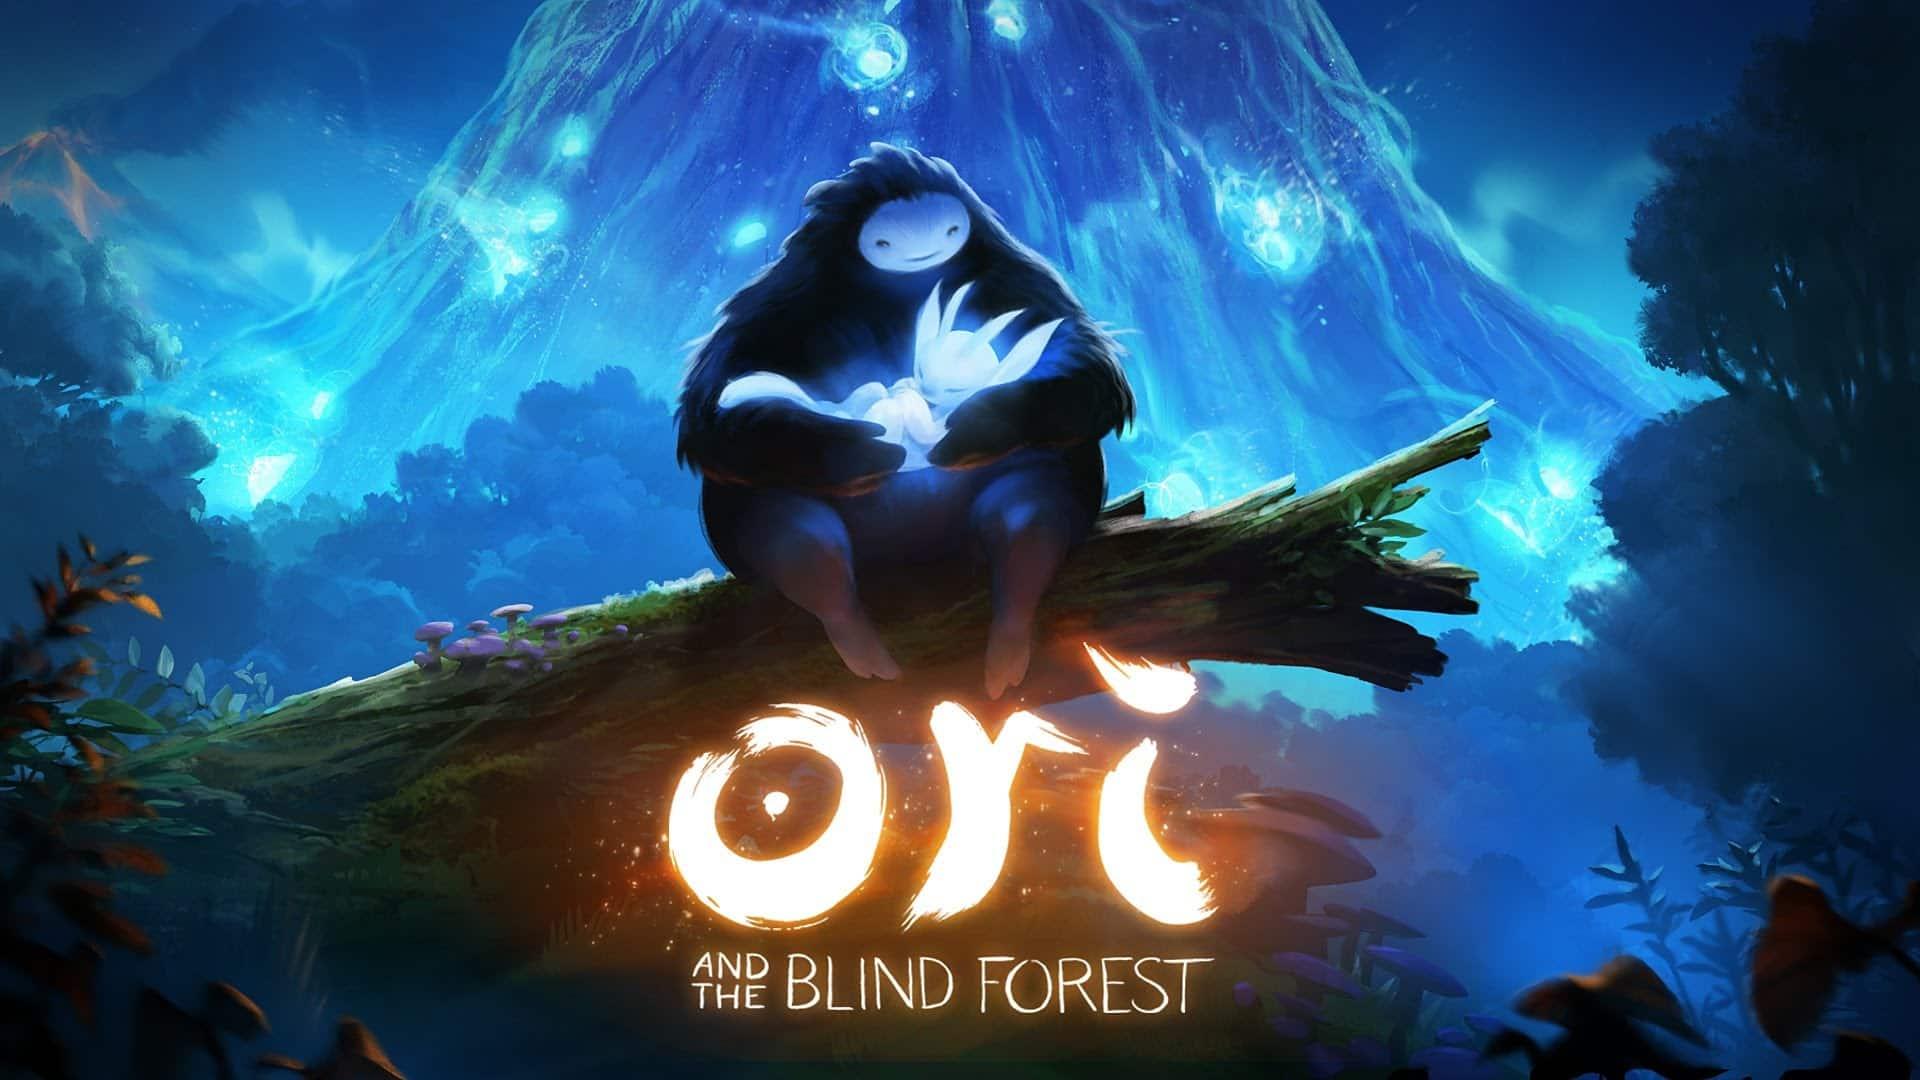 Ori and the Blind Forest telecharger gratuit de PC et Torrent